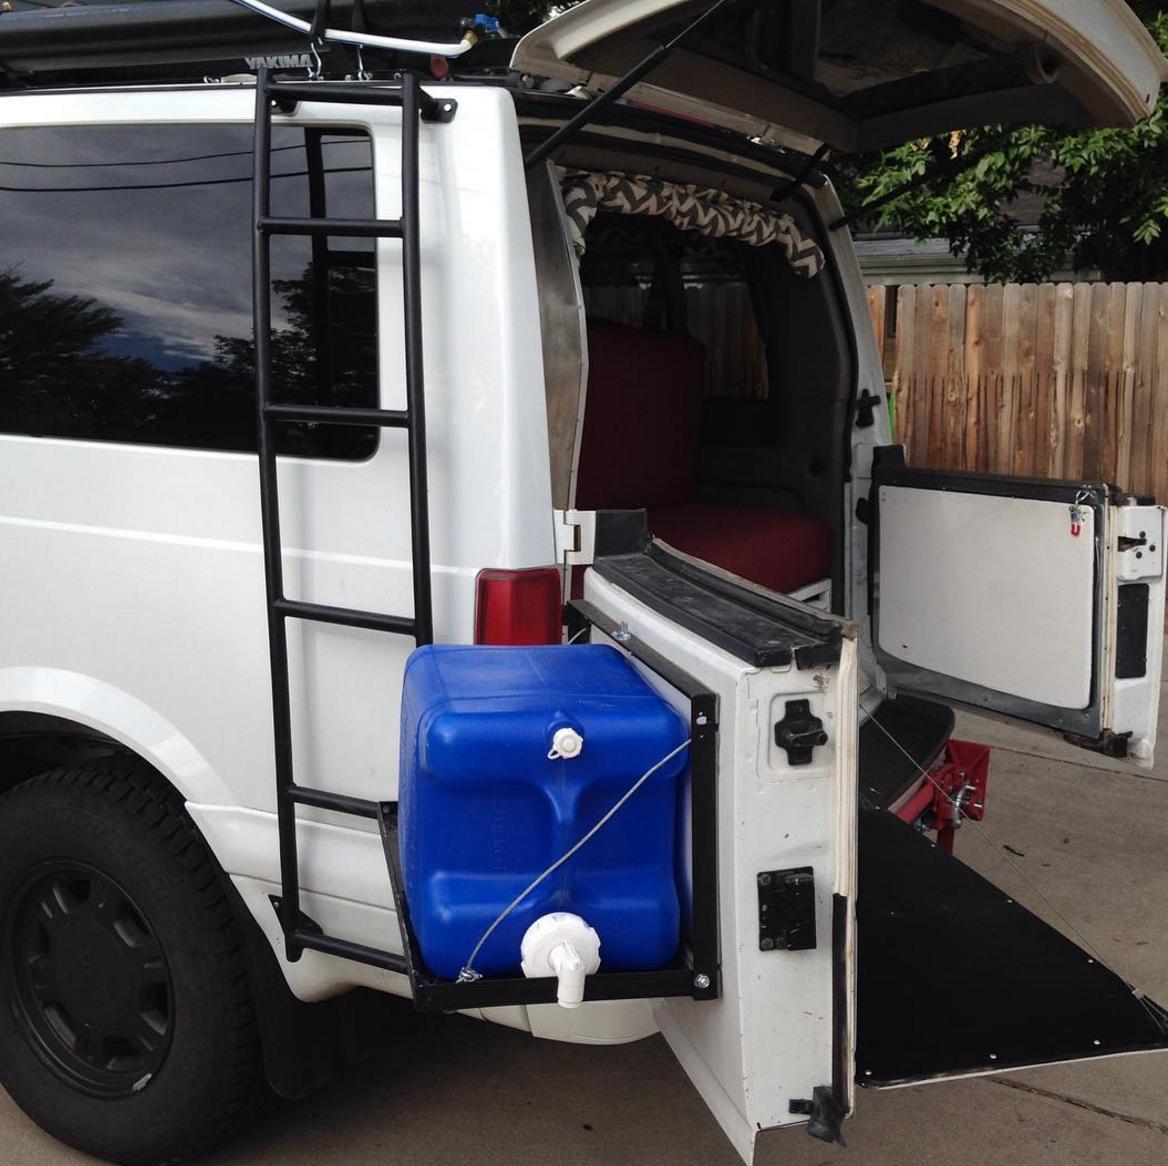 Astro Safari Camper Van Build Diy Rear Popout For Water Jug